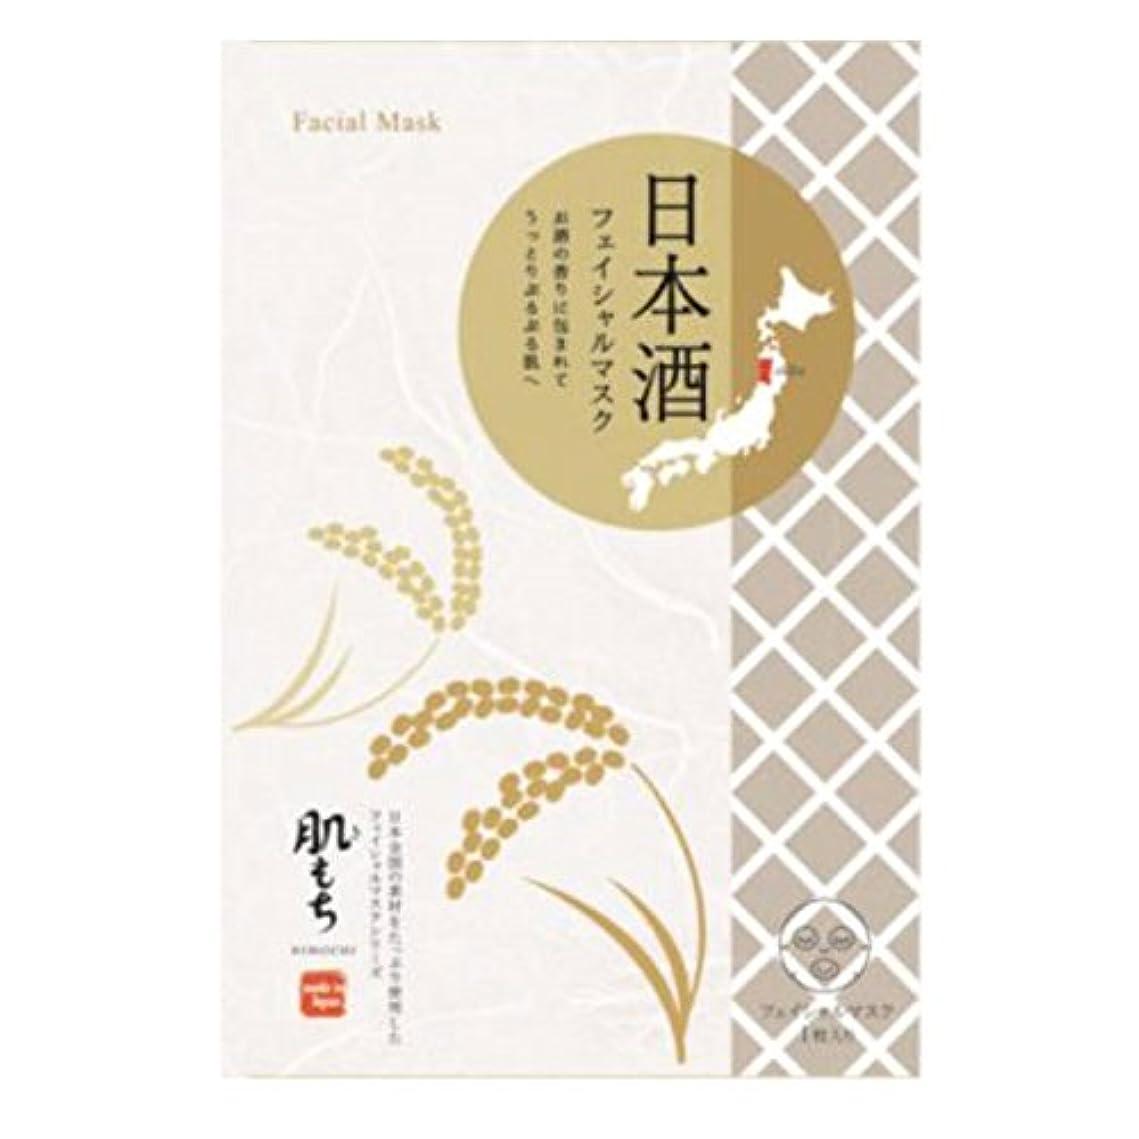 晩ごはんクレーター雨の肌もち(きもち) フェイシャルマスク 日本酒(1枚20ml) 5枚セット